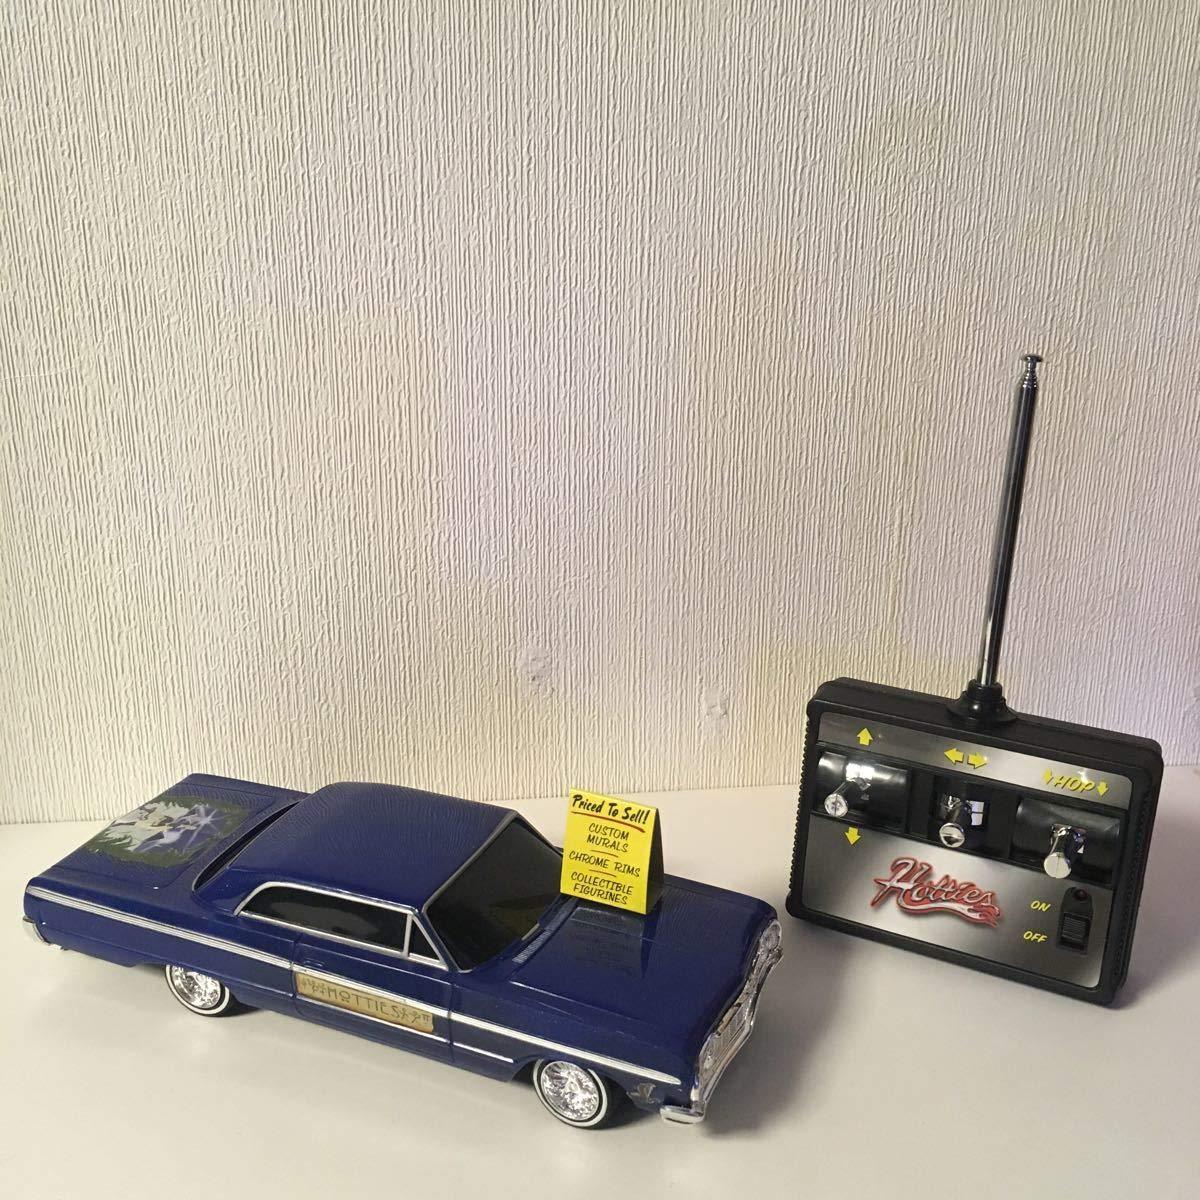 Lindberg リンドバーグ 64 Impala インパラ Low Rider ローライダー ラジコン B07S2WGQXZ